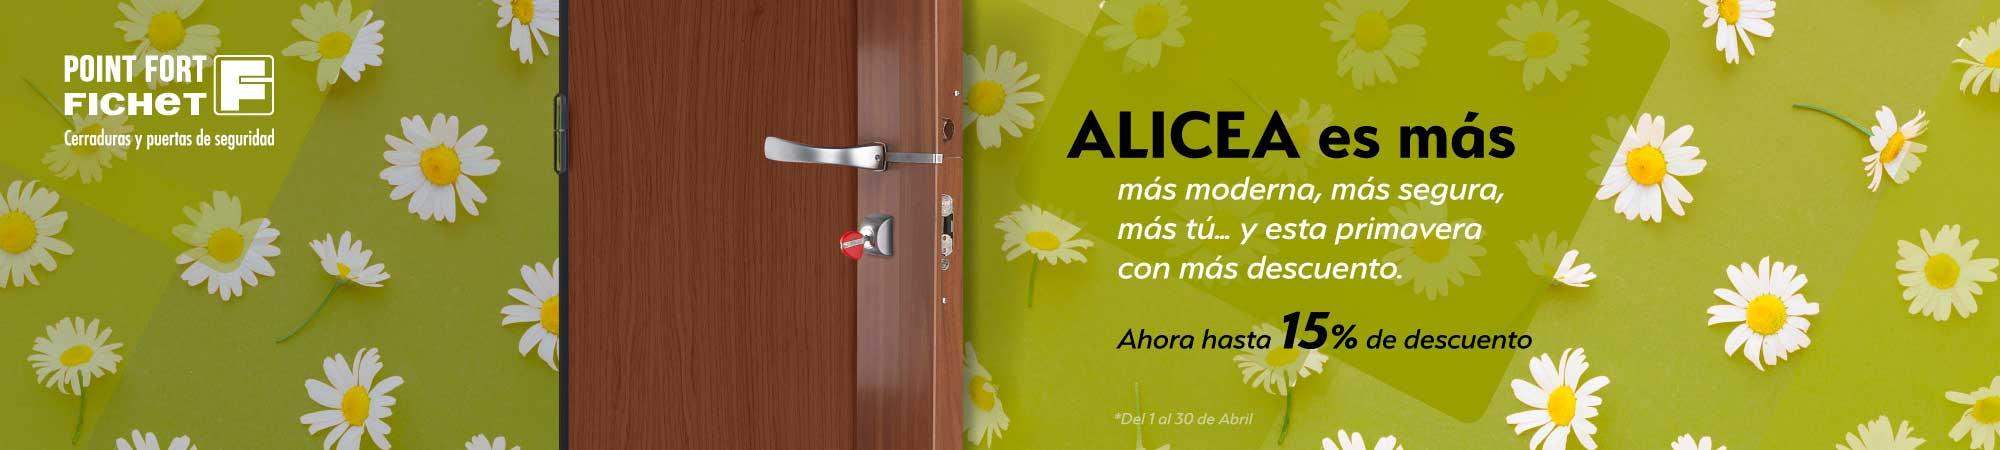 Oferta Cerradura Fichet Alicea Madrid